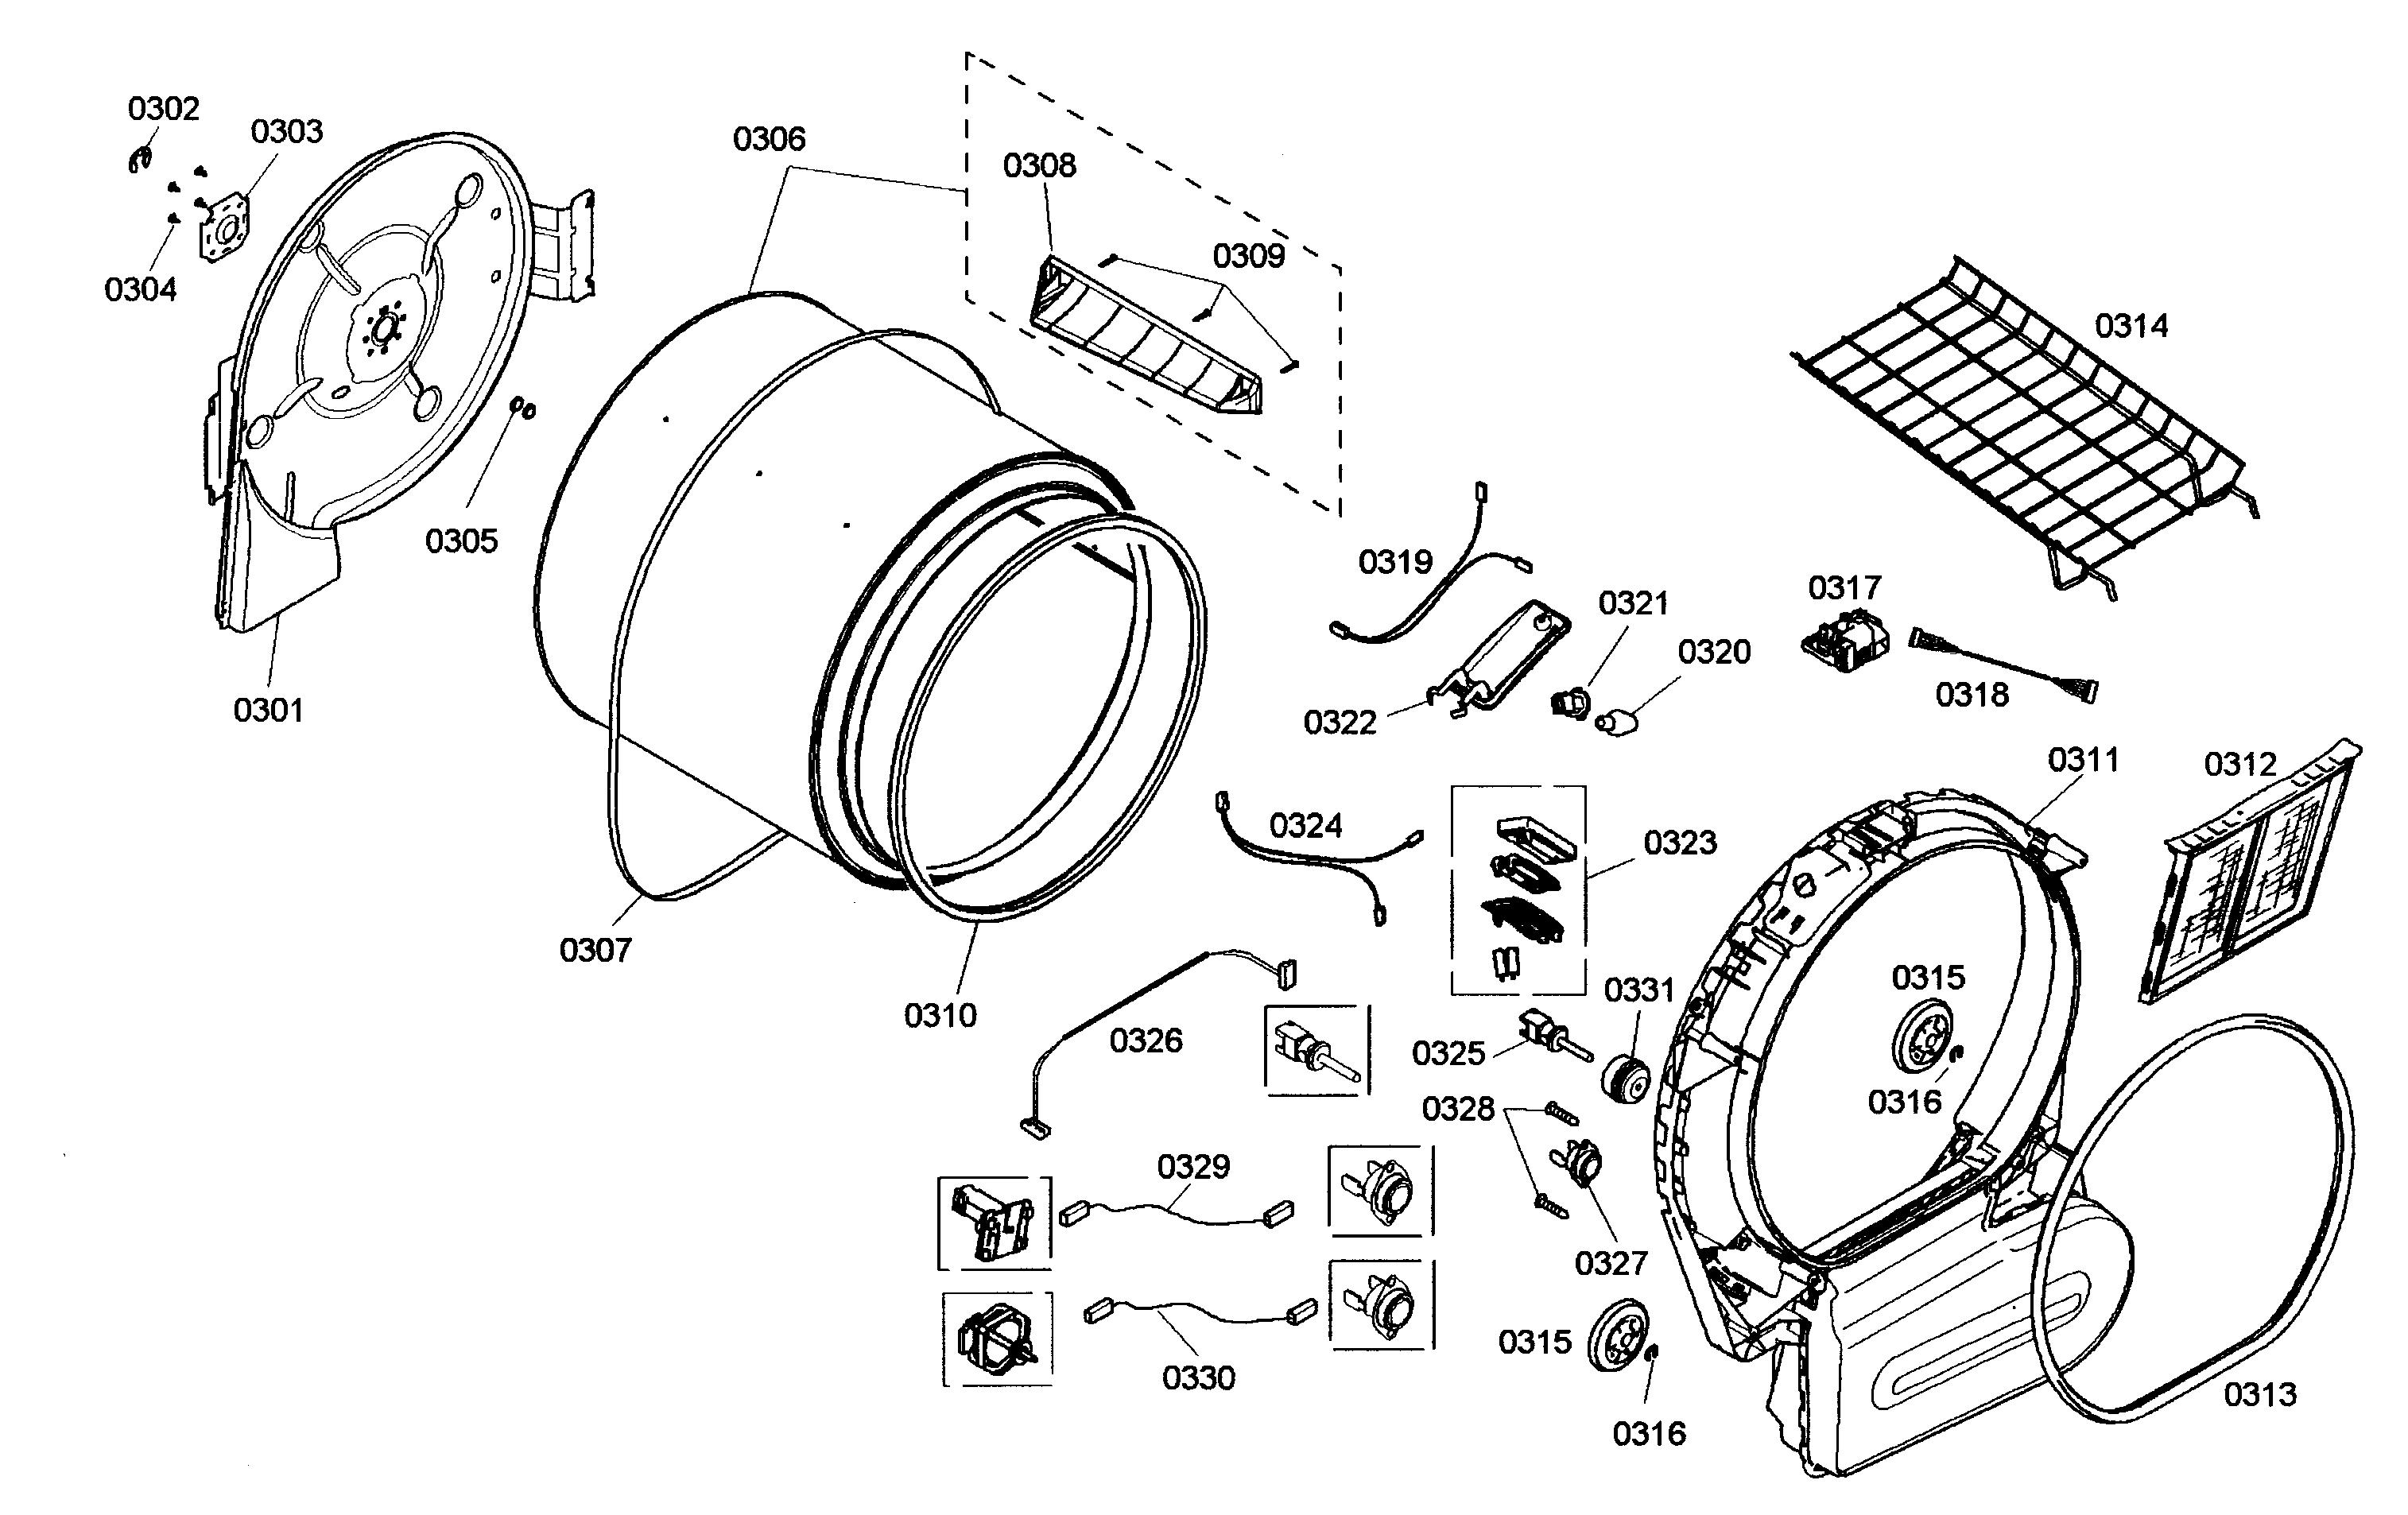 bosch nexxt 500 series dryer diagram